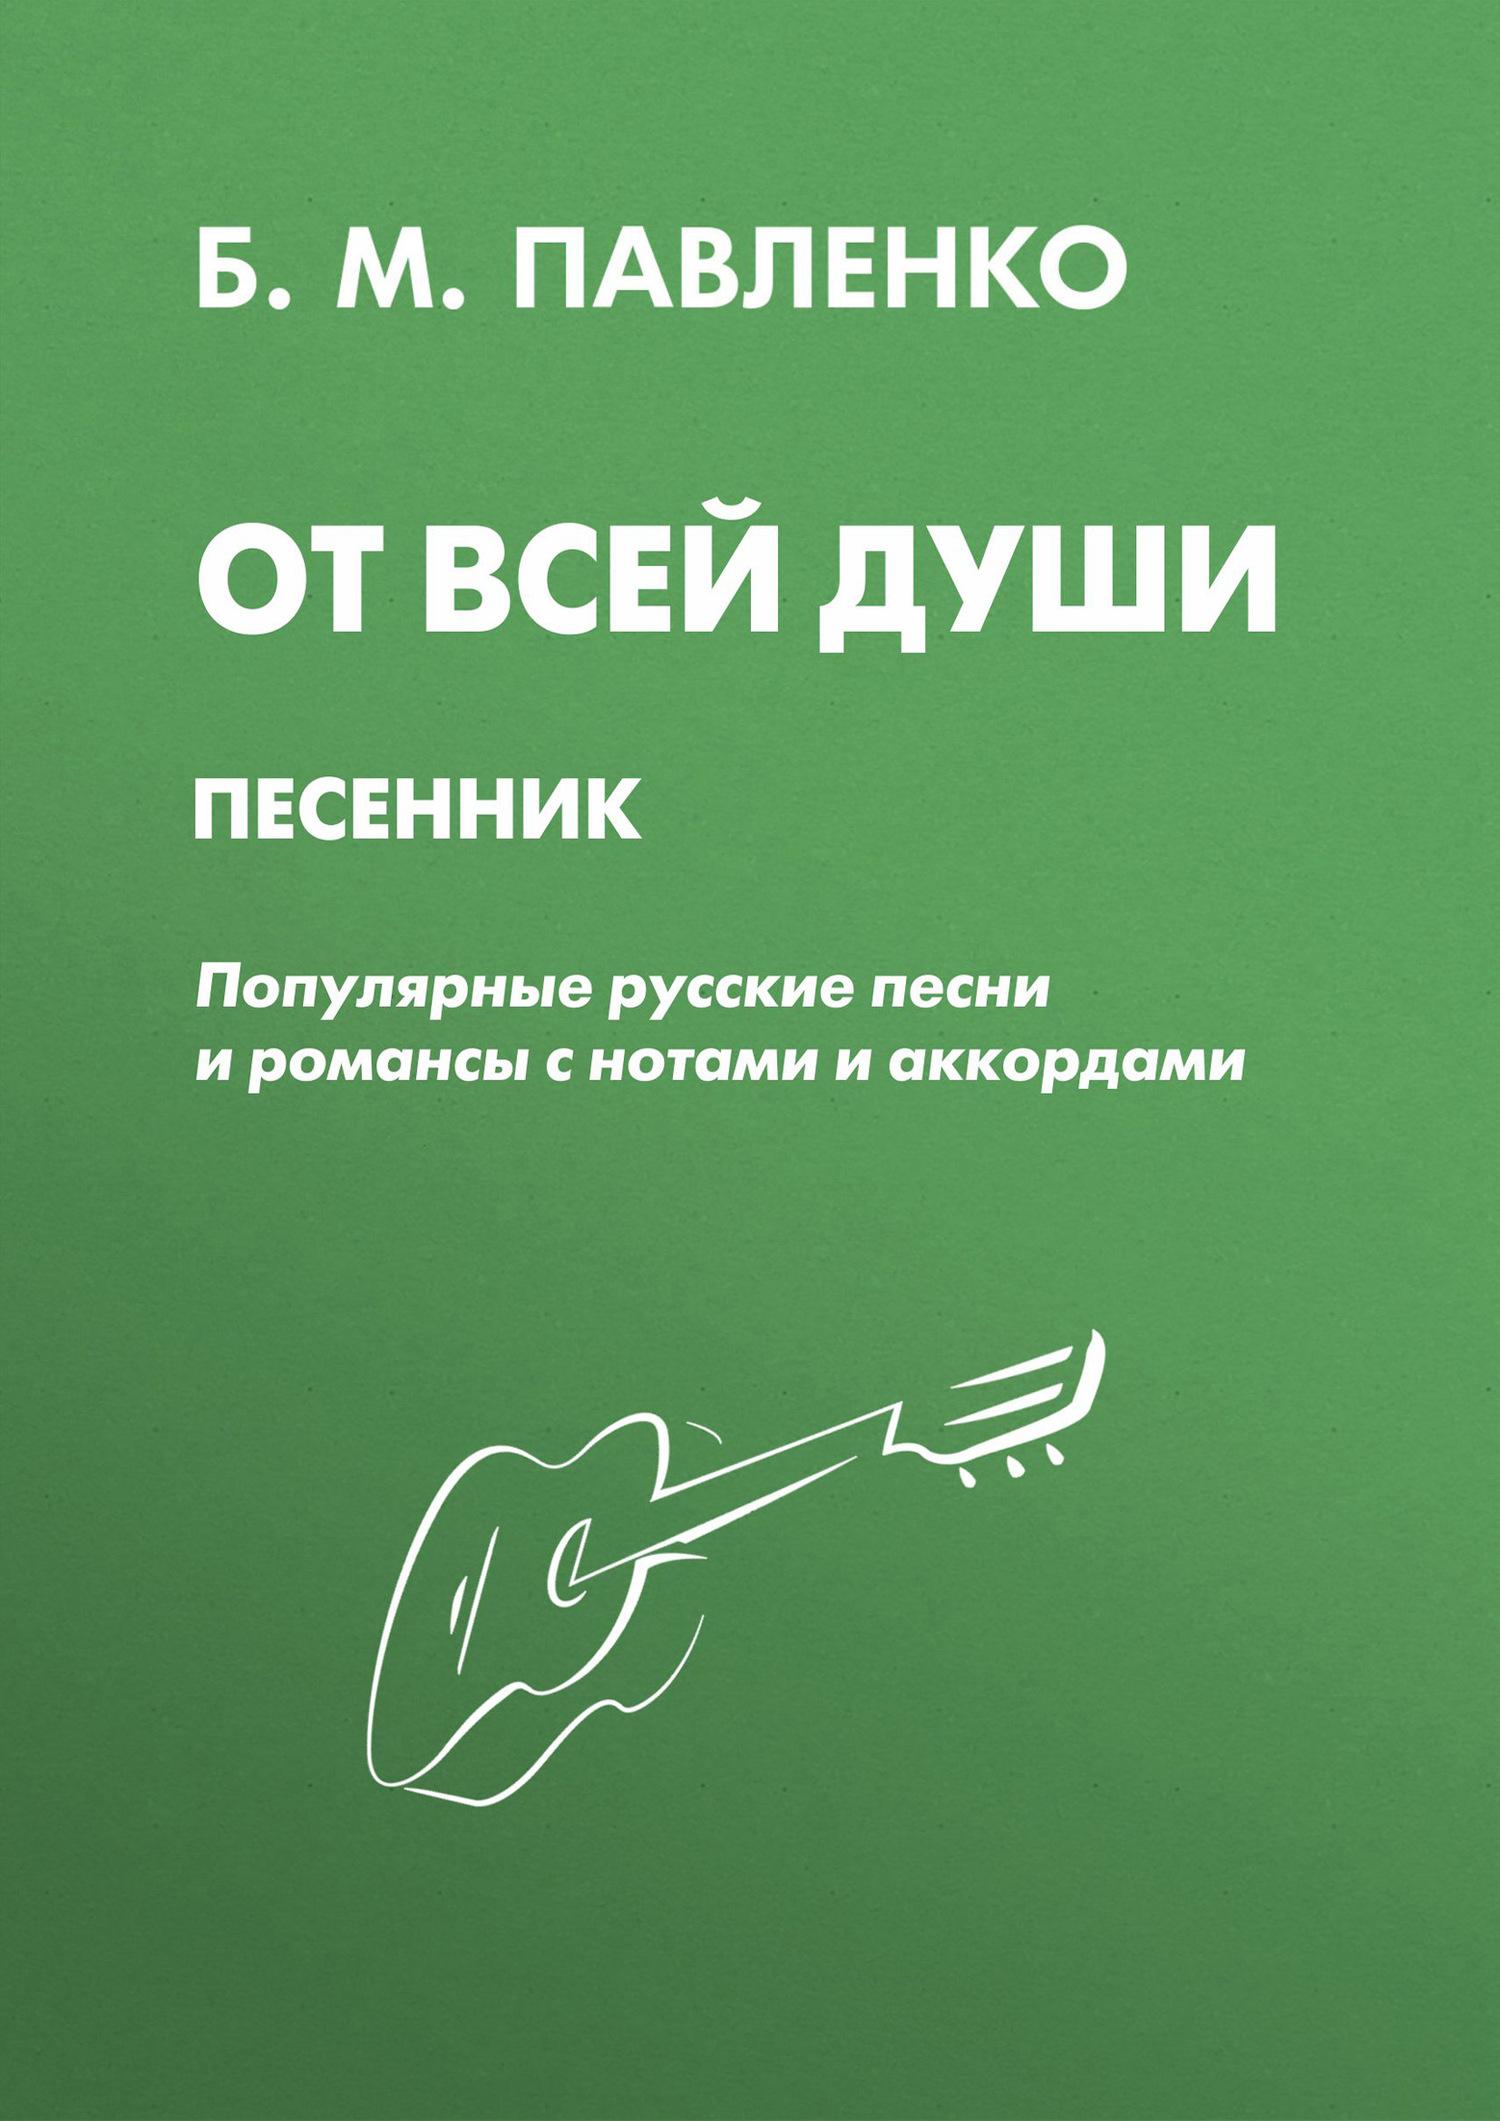 Б. М. Павленко От всей души. Песенник. Популярные русские песни и романсы с нотами и аккордами от всей души с любовью